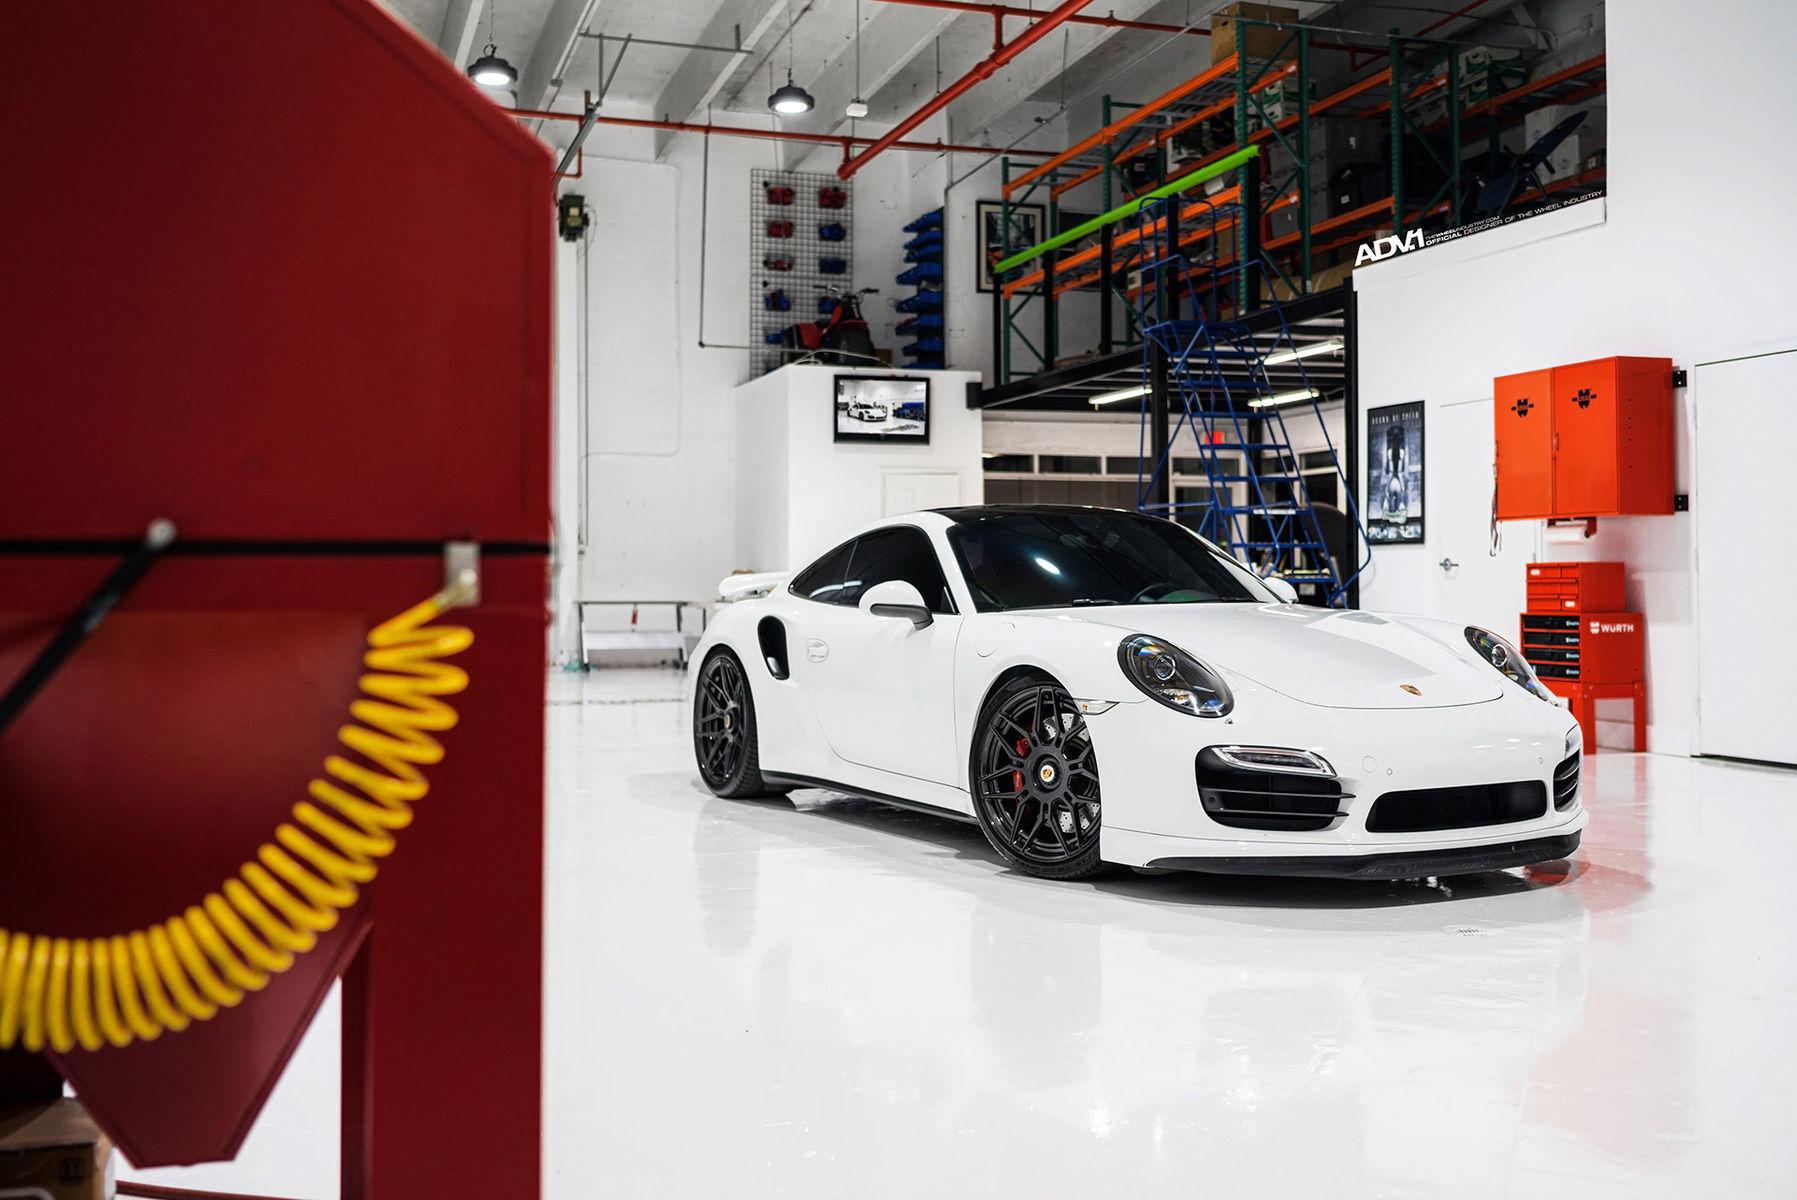 2016 Porsche 911 | Porsche 991 Turbo - ADV10.0 M.V2 CS